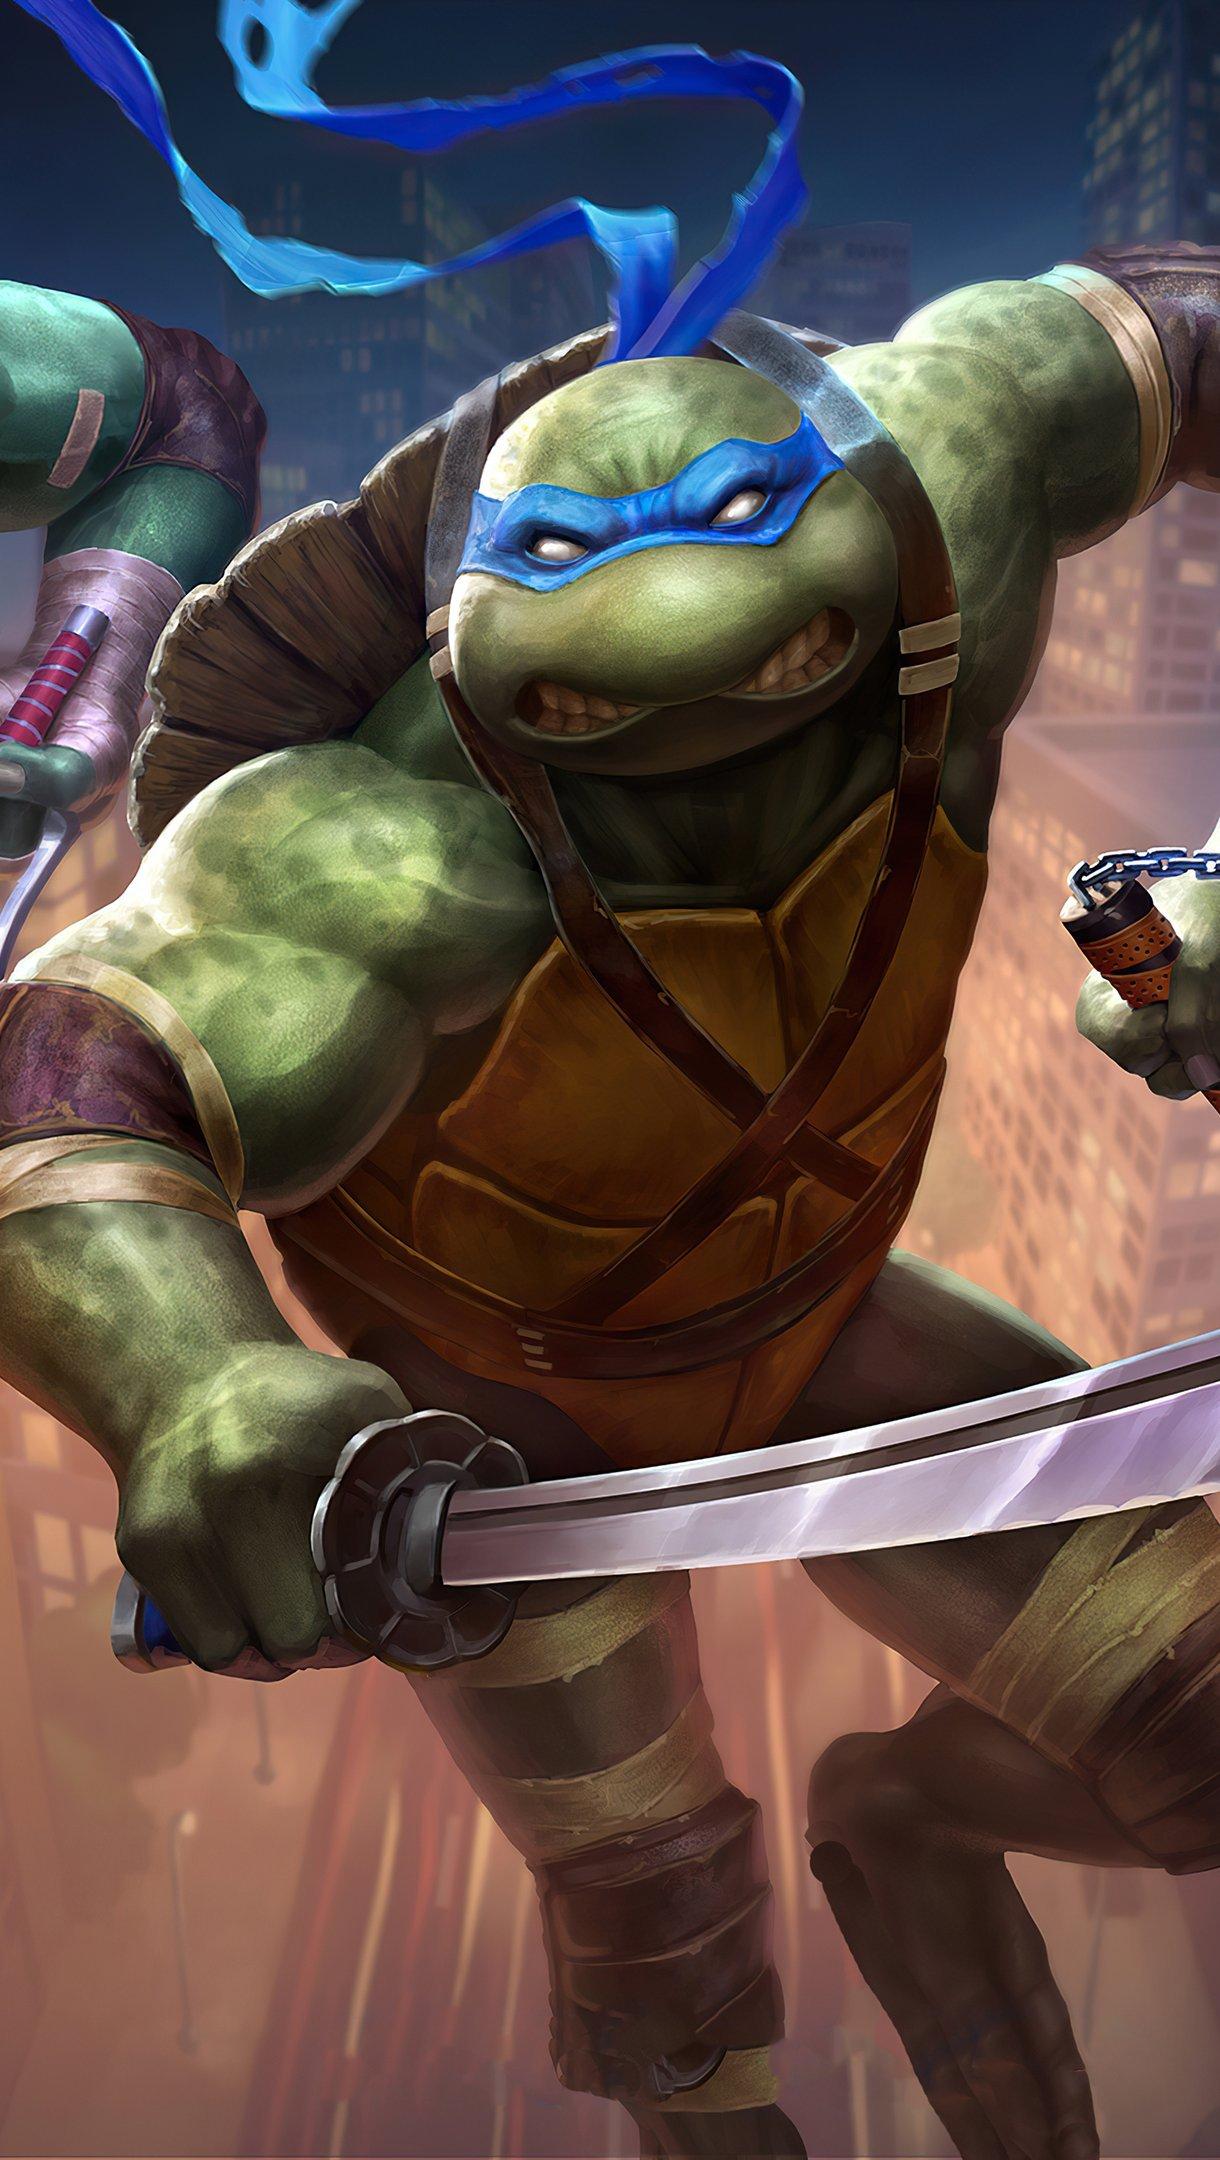 Wallpaper Teenage Mutant Ninja Turtles 2020 Vertical